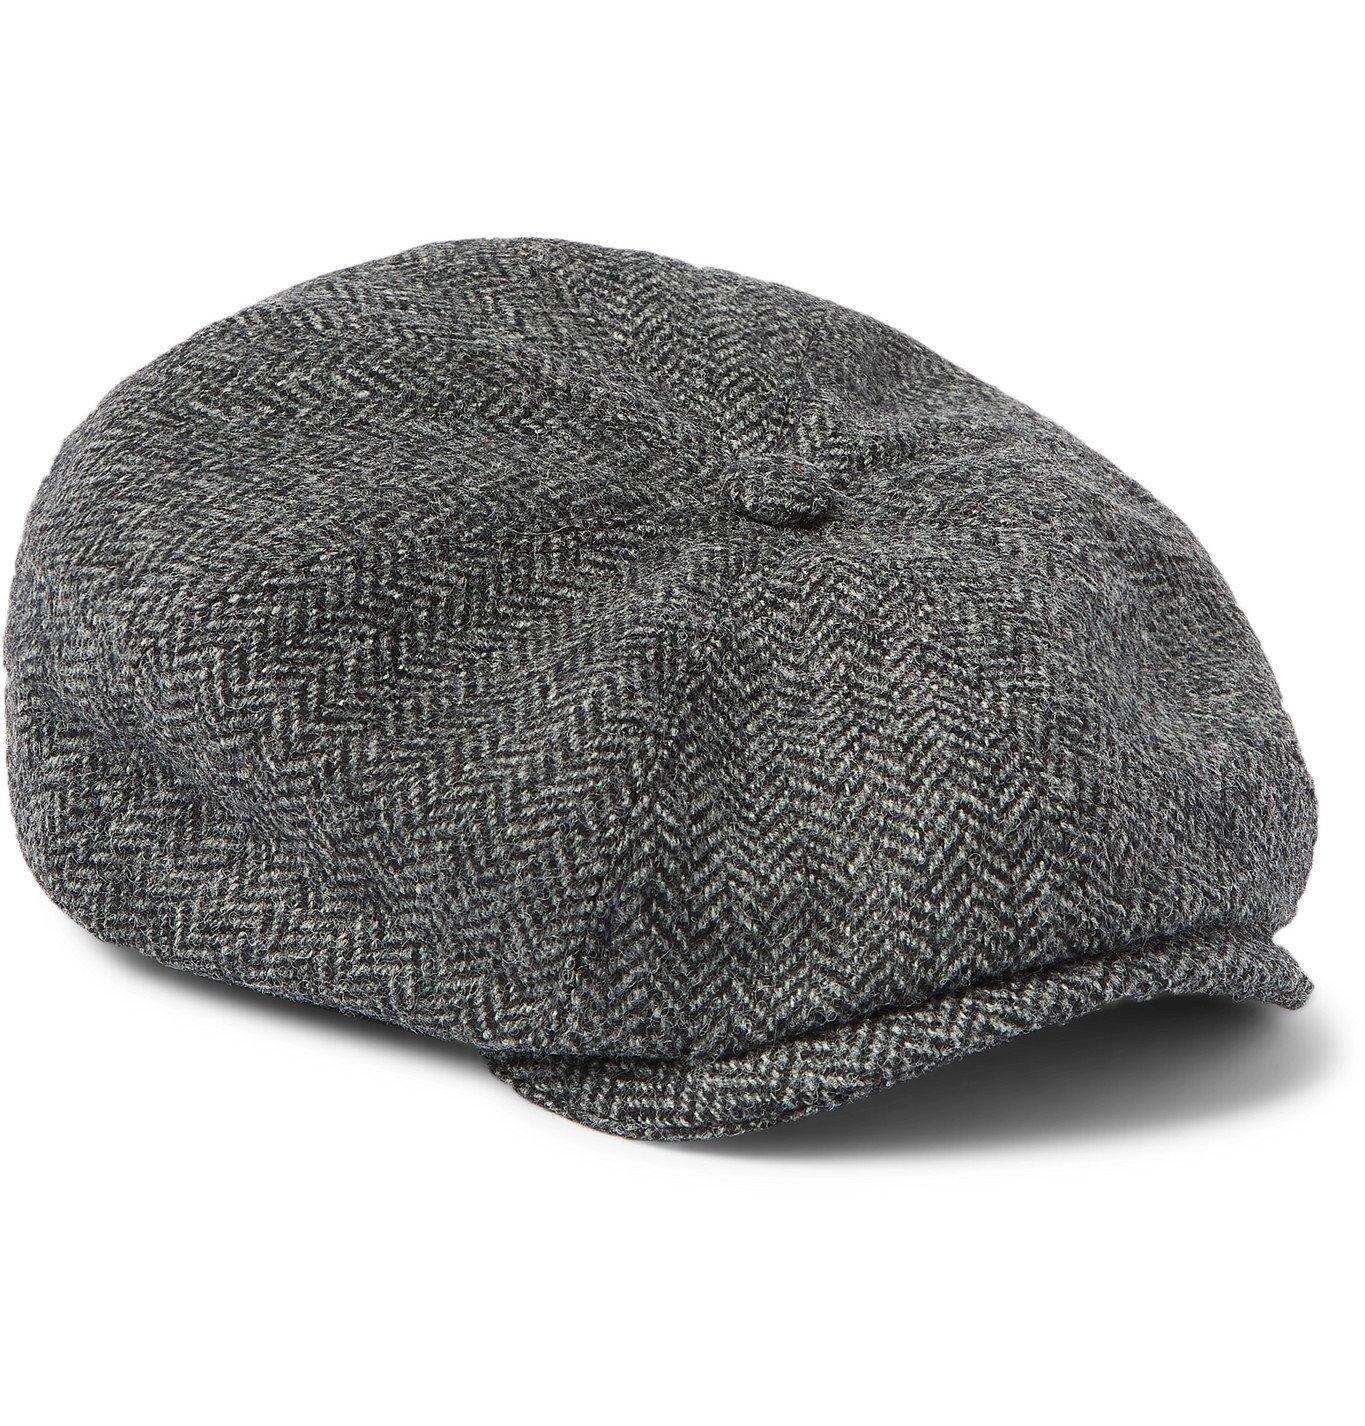 Photo: Purdey - York Bakerboy Herringbone Wool-Tweed Flat Cap - Gray